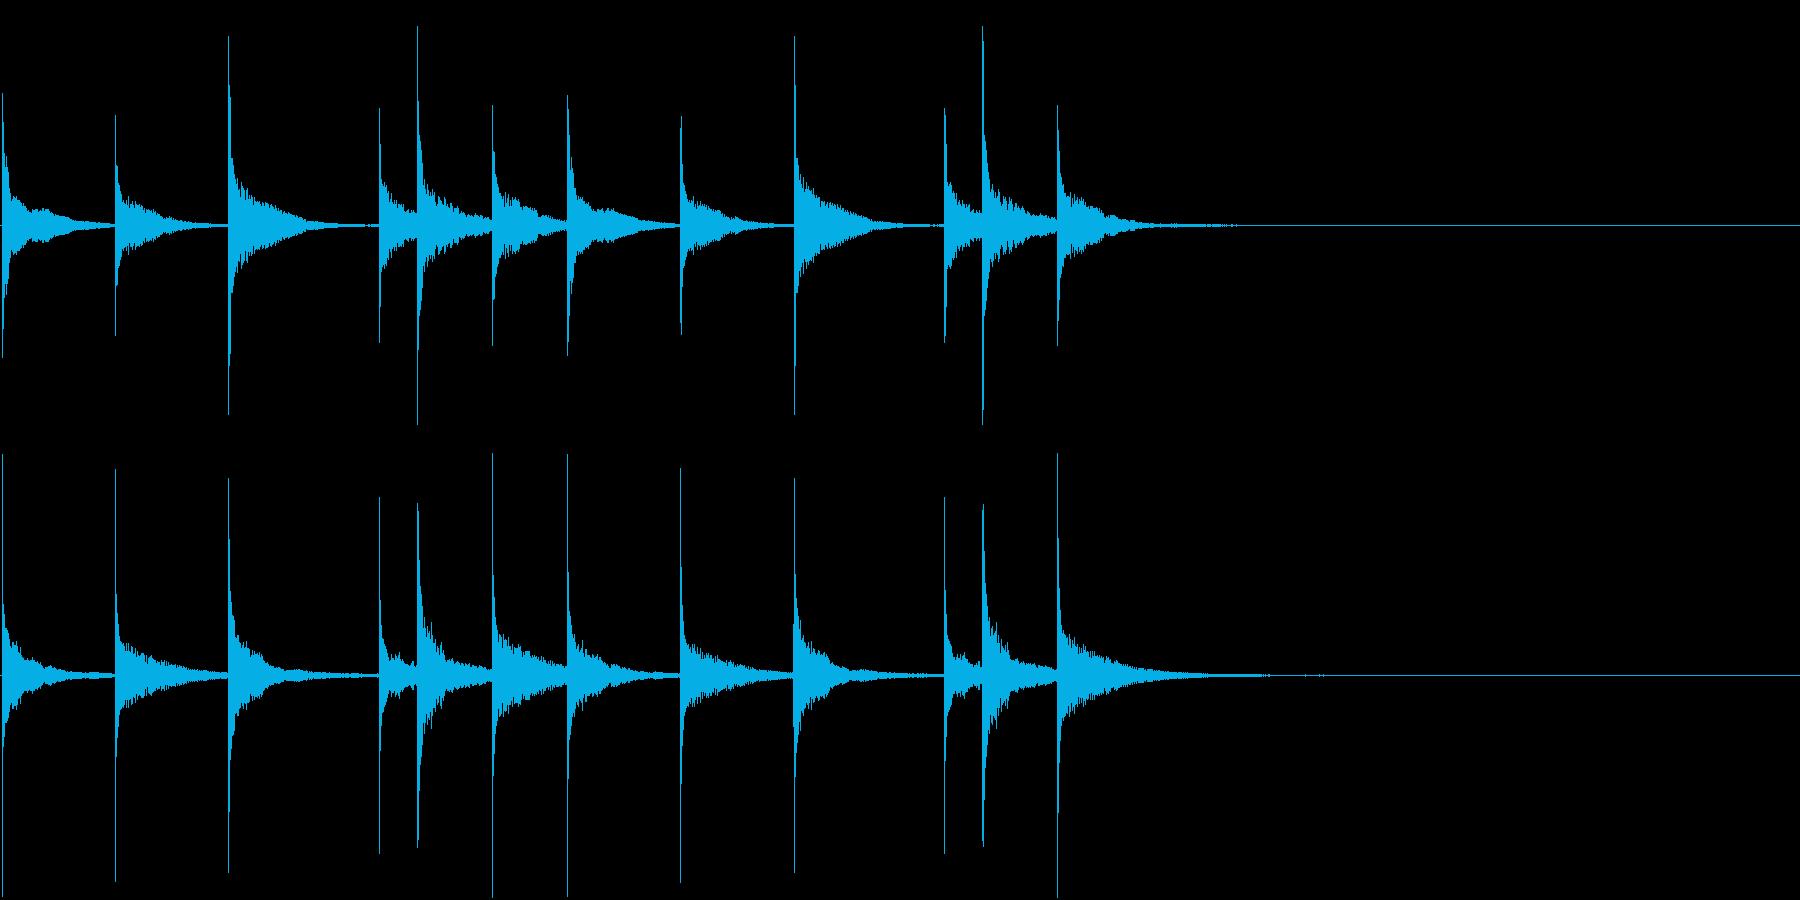 スピードMAXなiPhone的着信音の再生済みの波形